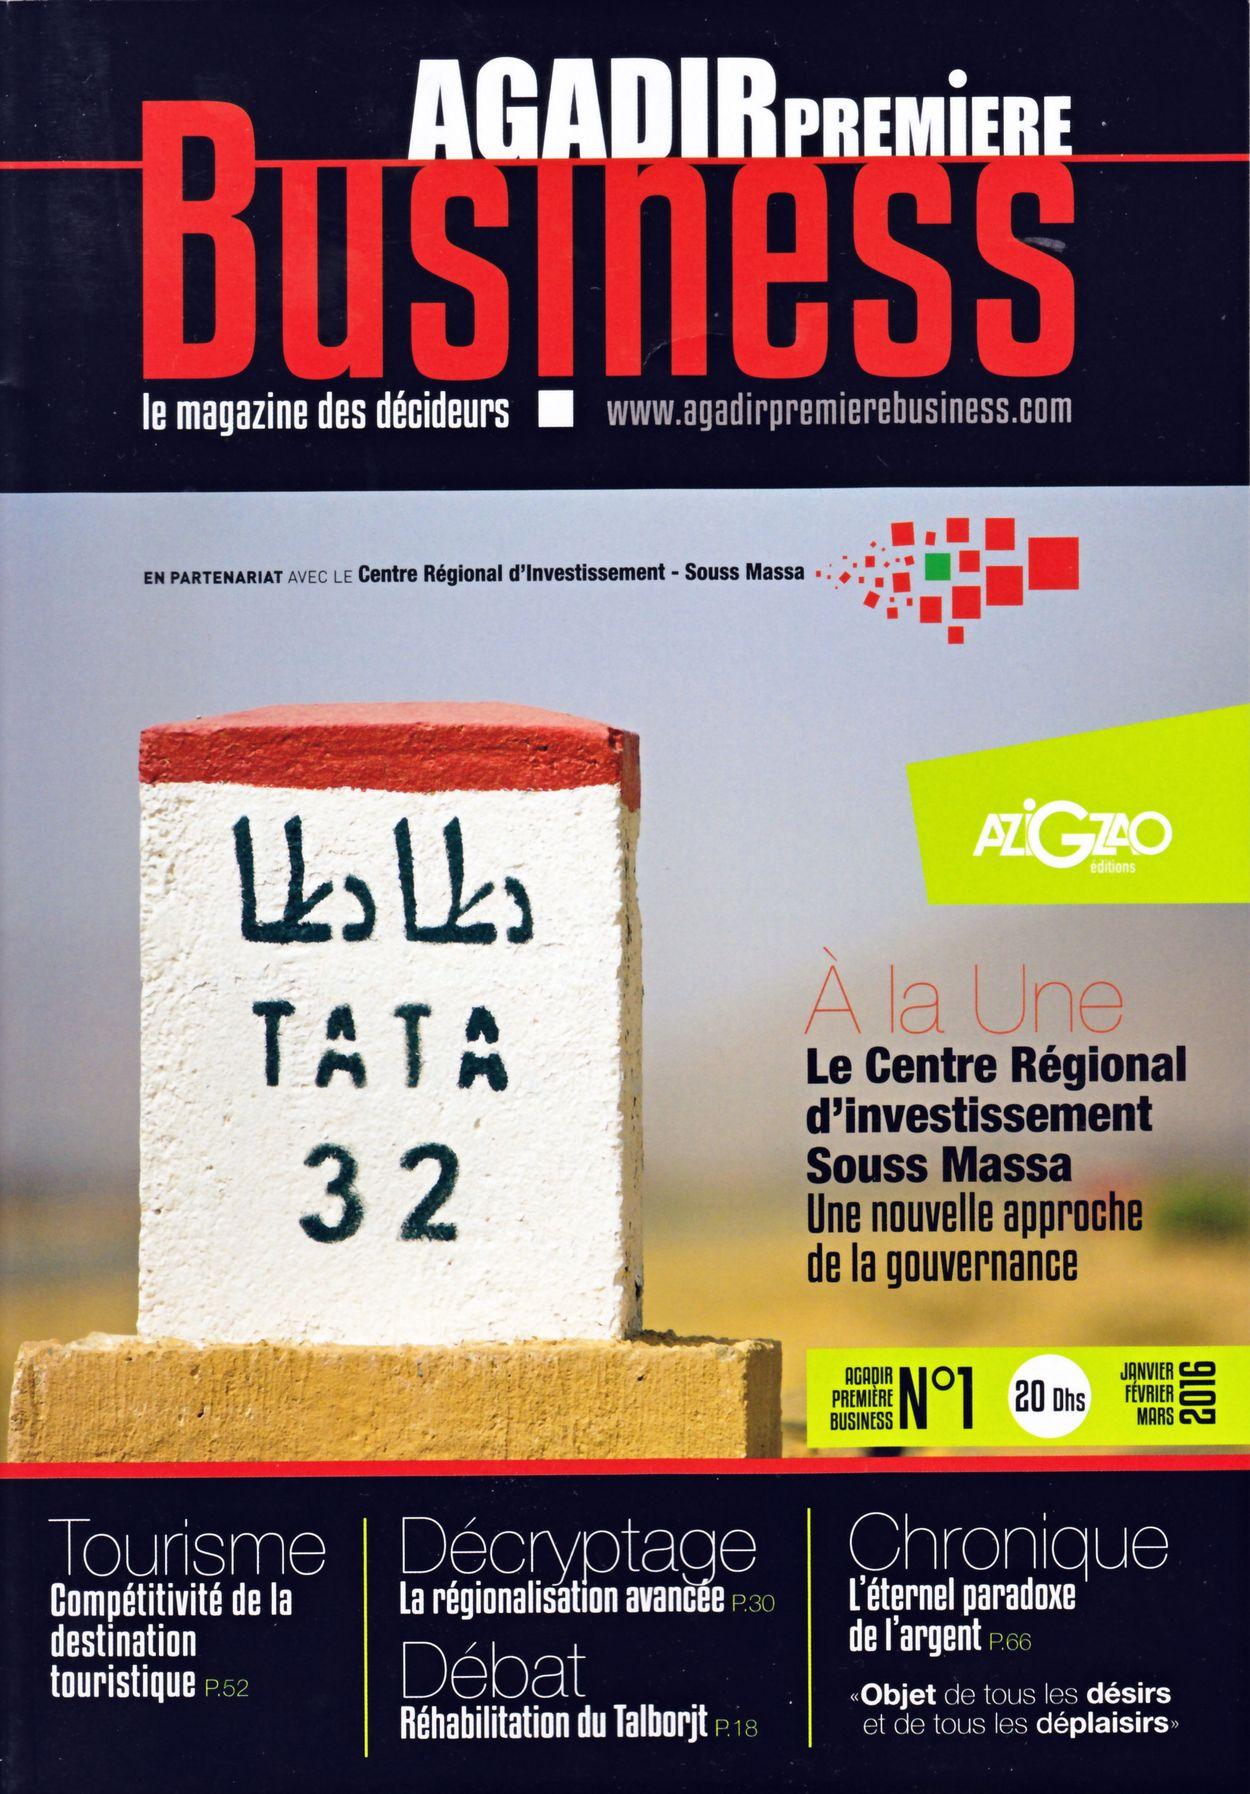 Agadir première Business